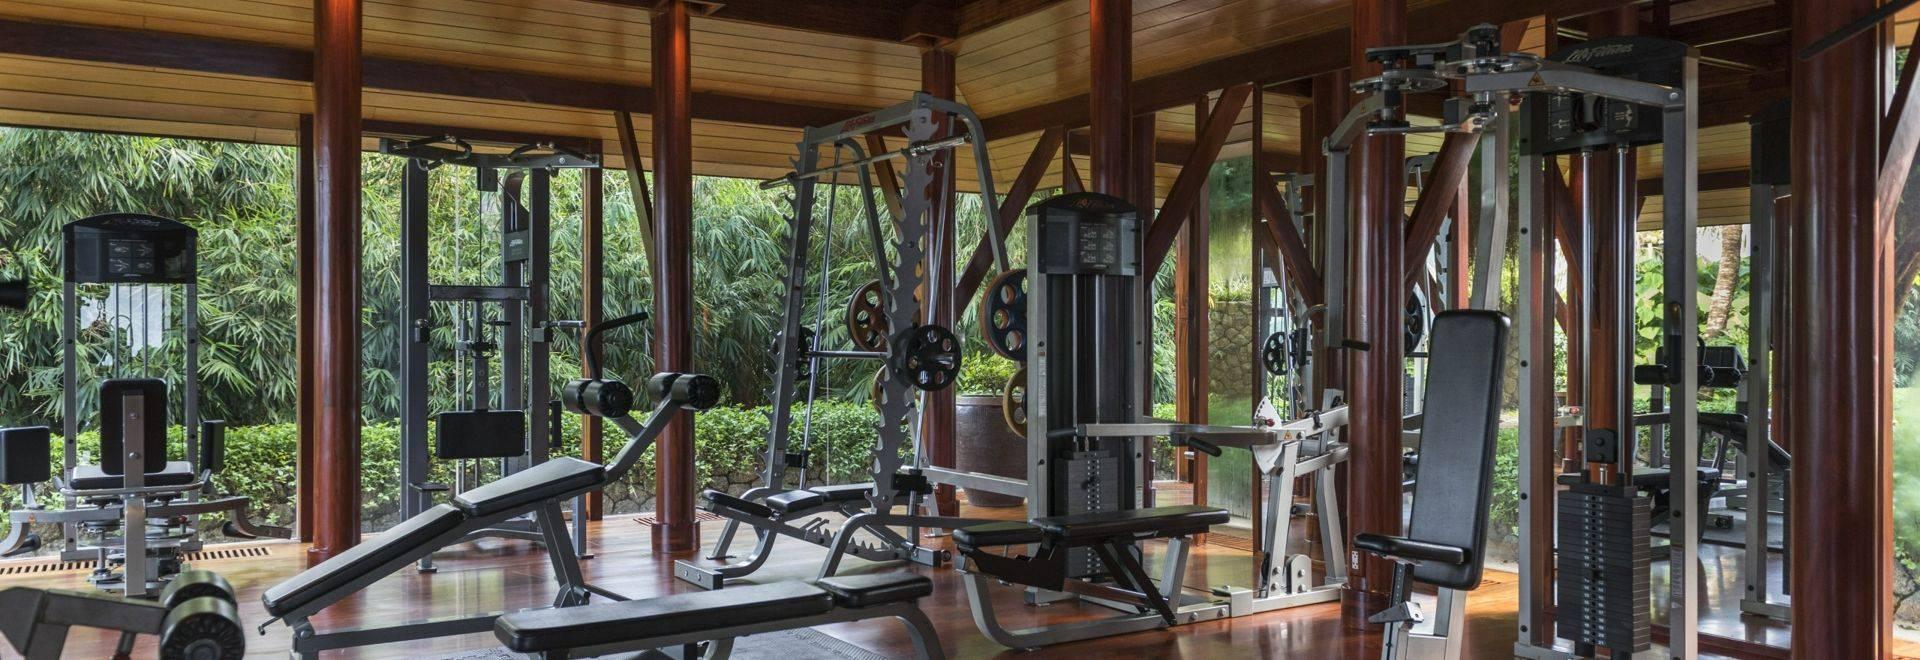 Amanpuri-gym.jpg